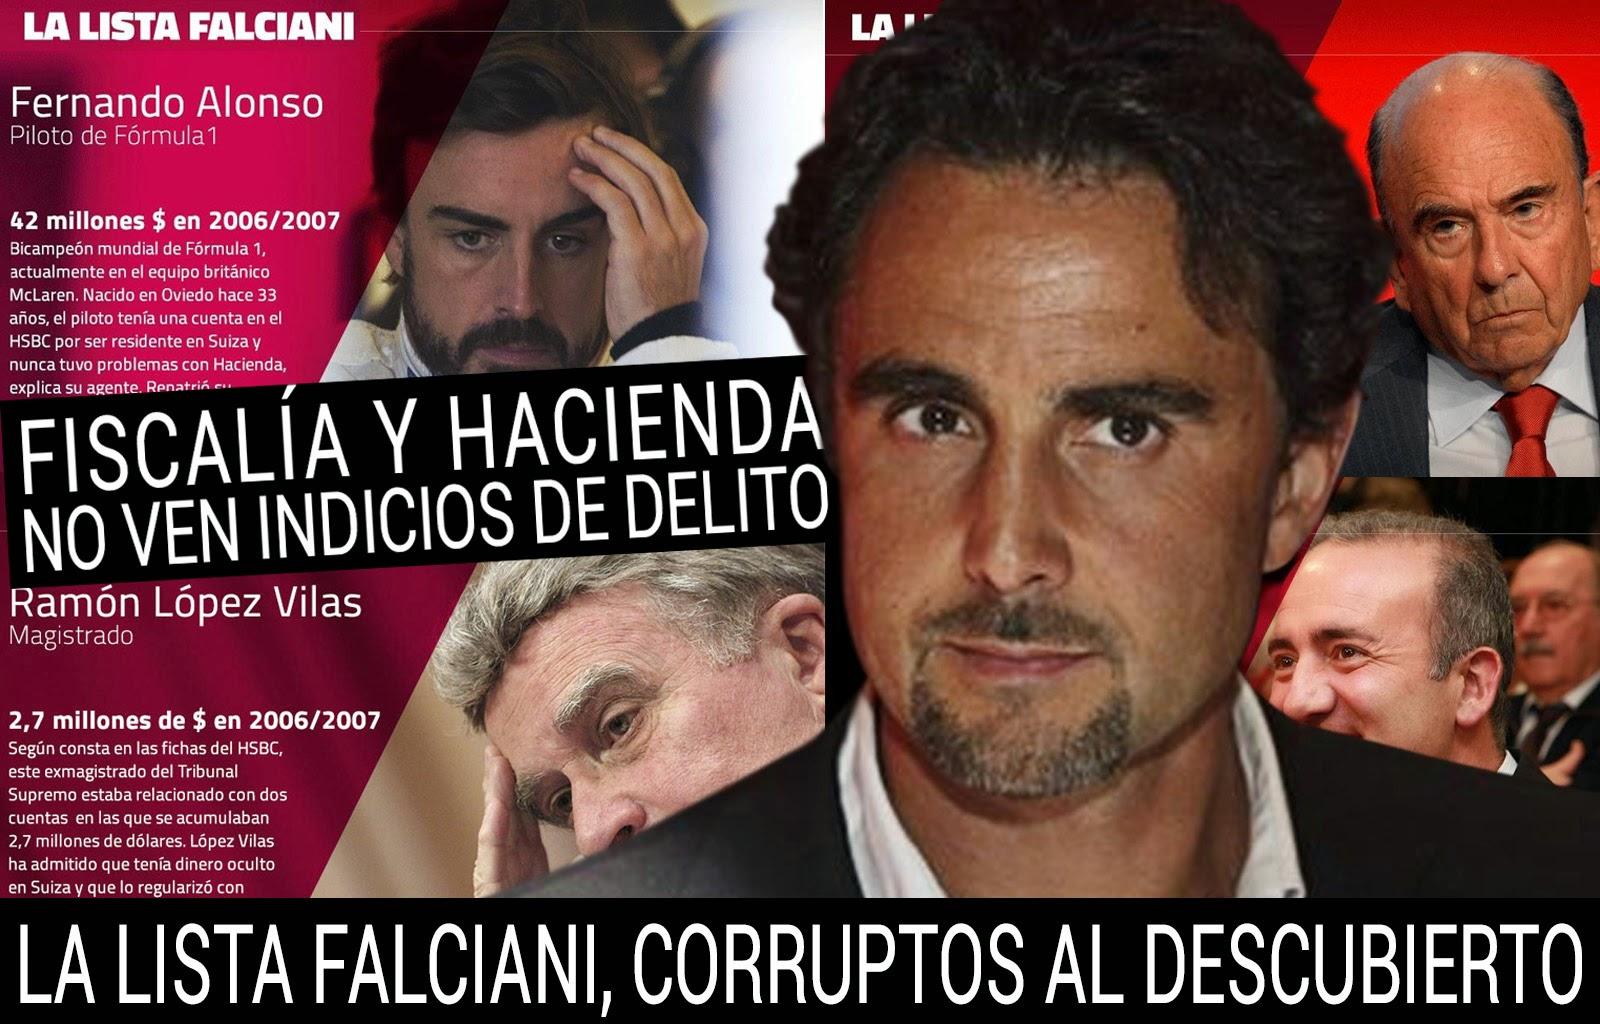 La lista Falciani, ignorada por la Fiscalía y Hacienda, así lucha el Partido Popular contra la corrucción.